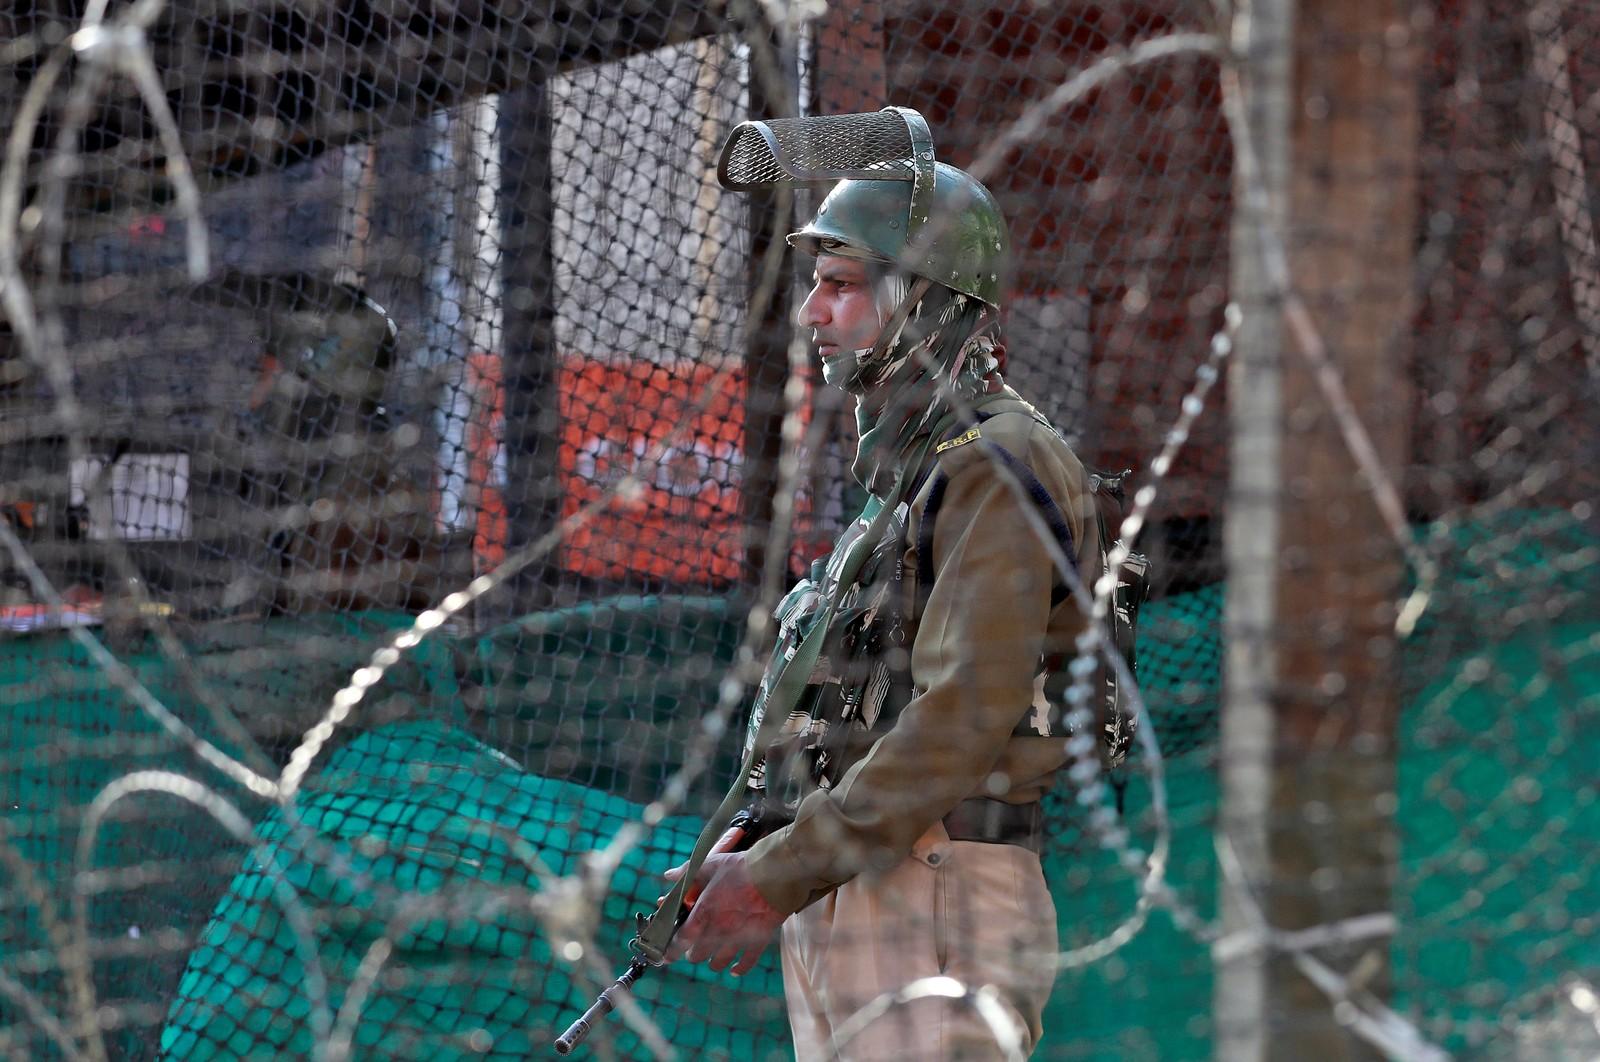 Ataque com granada na região da Caxemira, na Índia, deixa um morto e 34 feridos